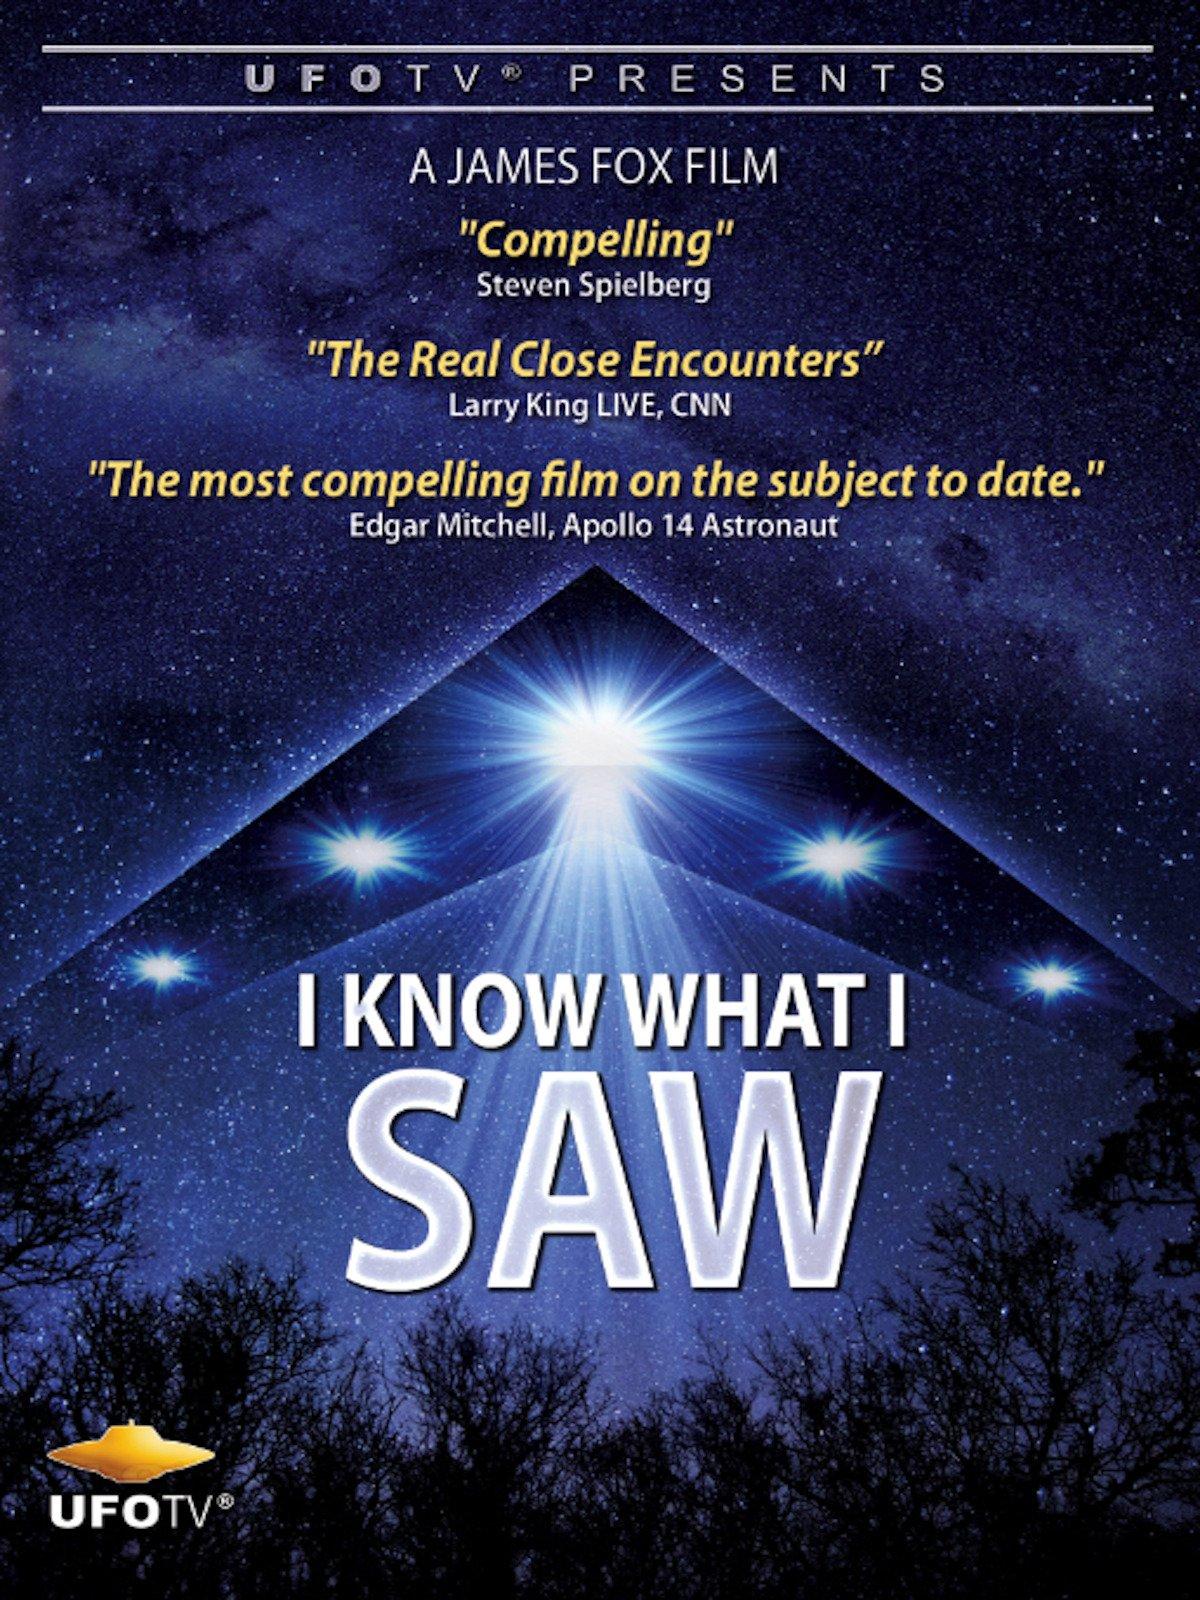 UFOTV Presents: I Know What I Saw